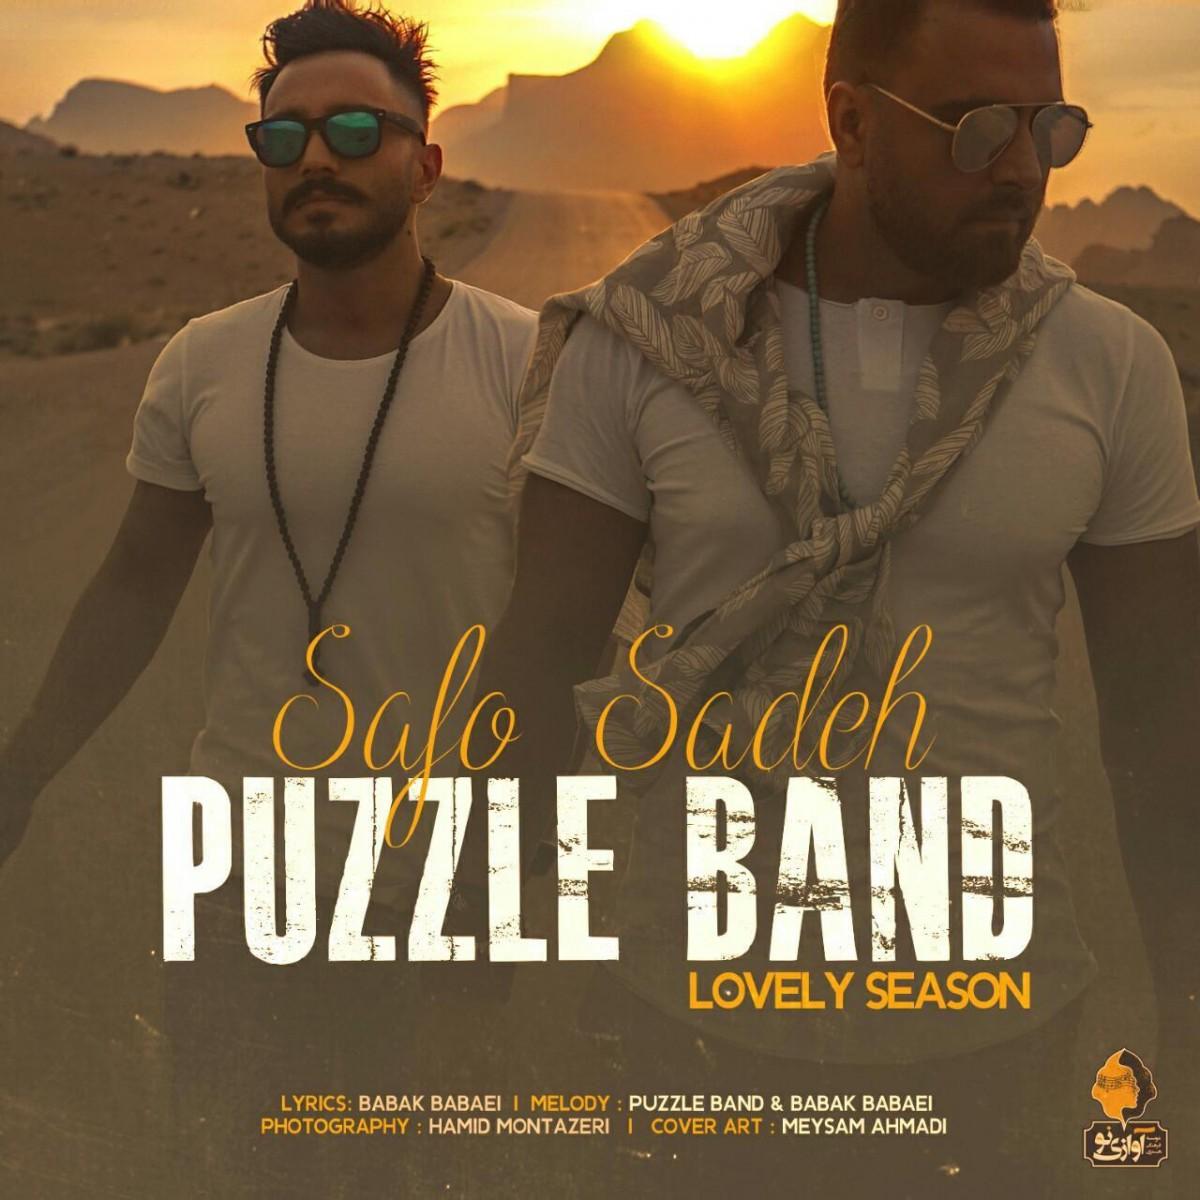 نامبر وان موزیک | دانلود آهنگ جدید Puzzle-Band-Safo-Sadeh